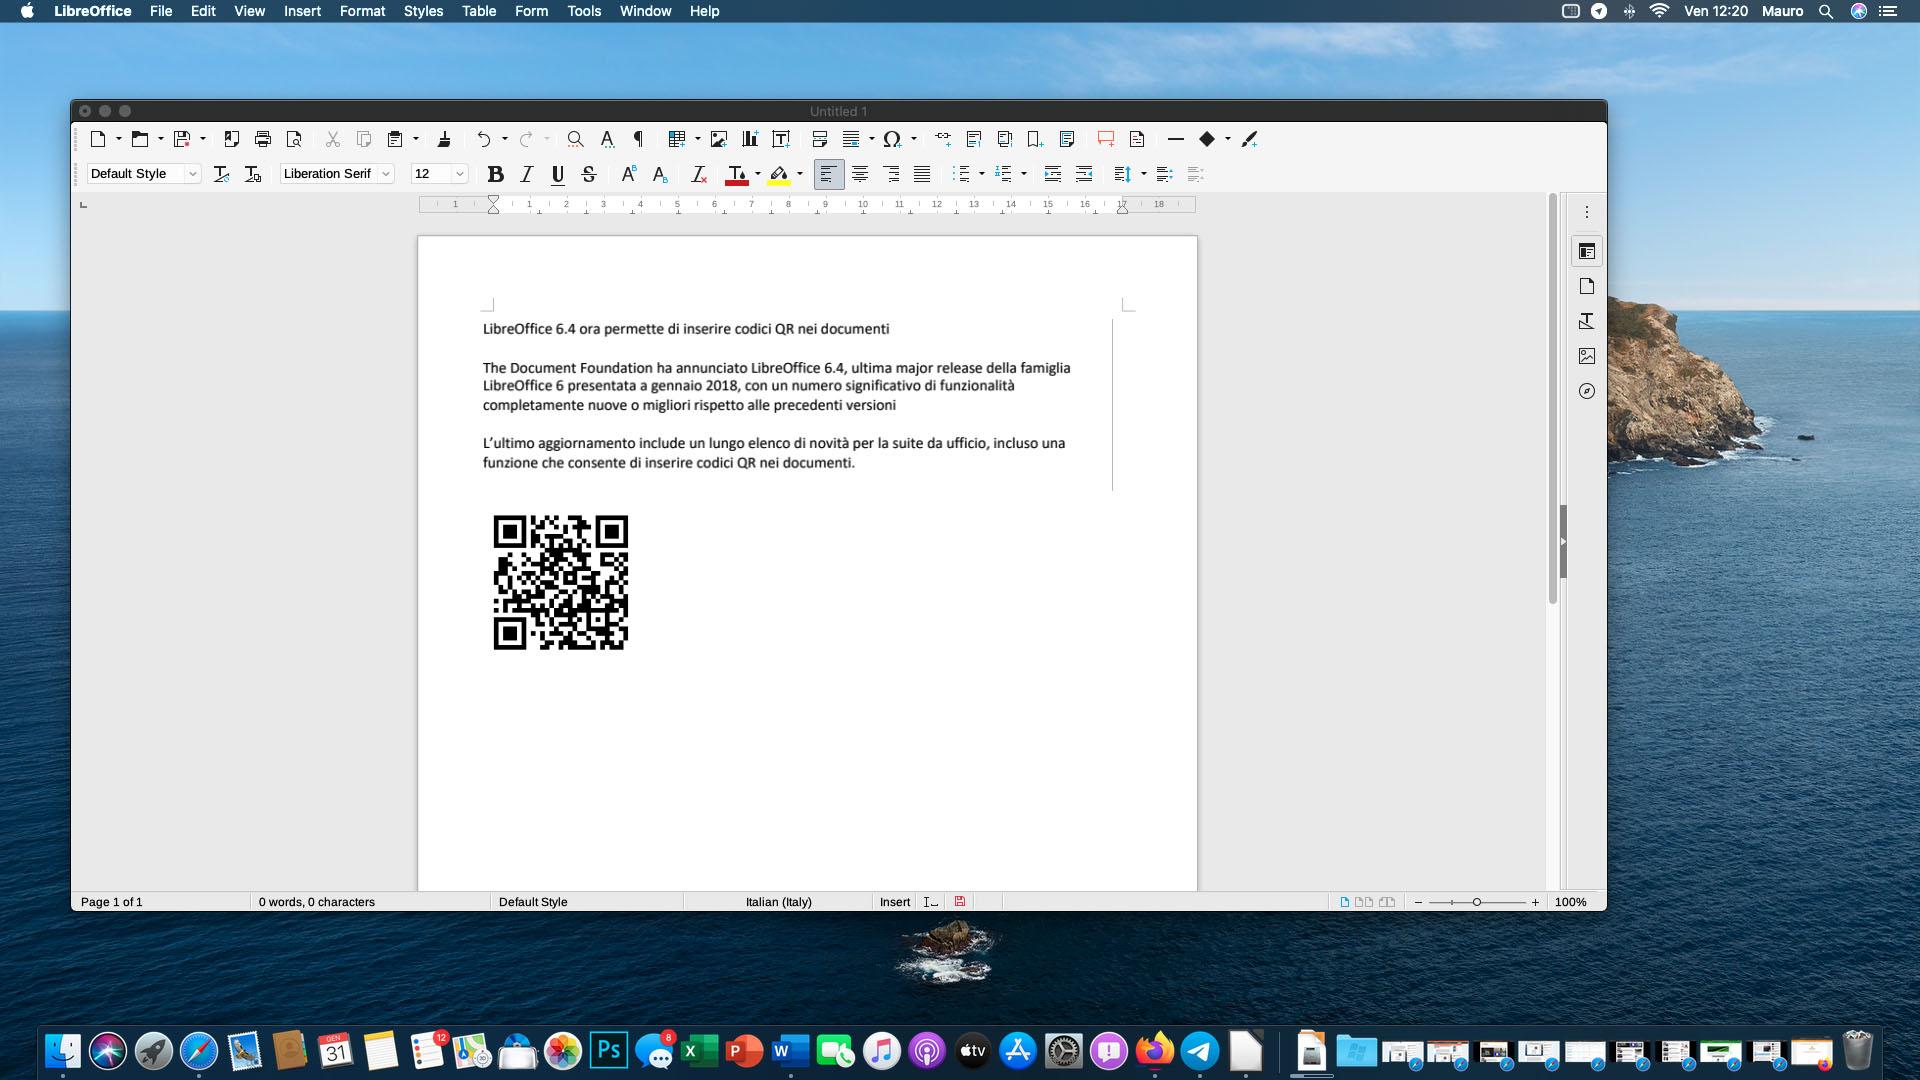 LibreOffice 6.4 ora permette di inserire codici QR nei documenti